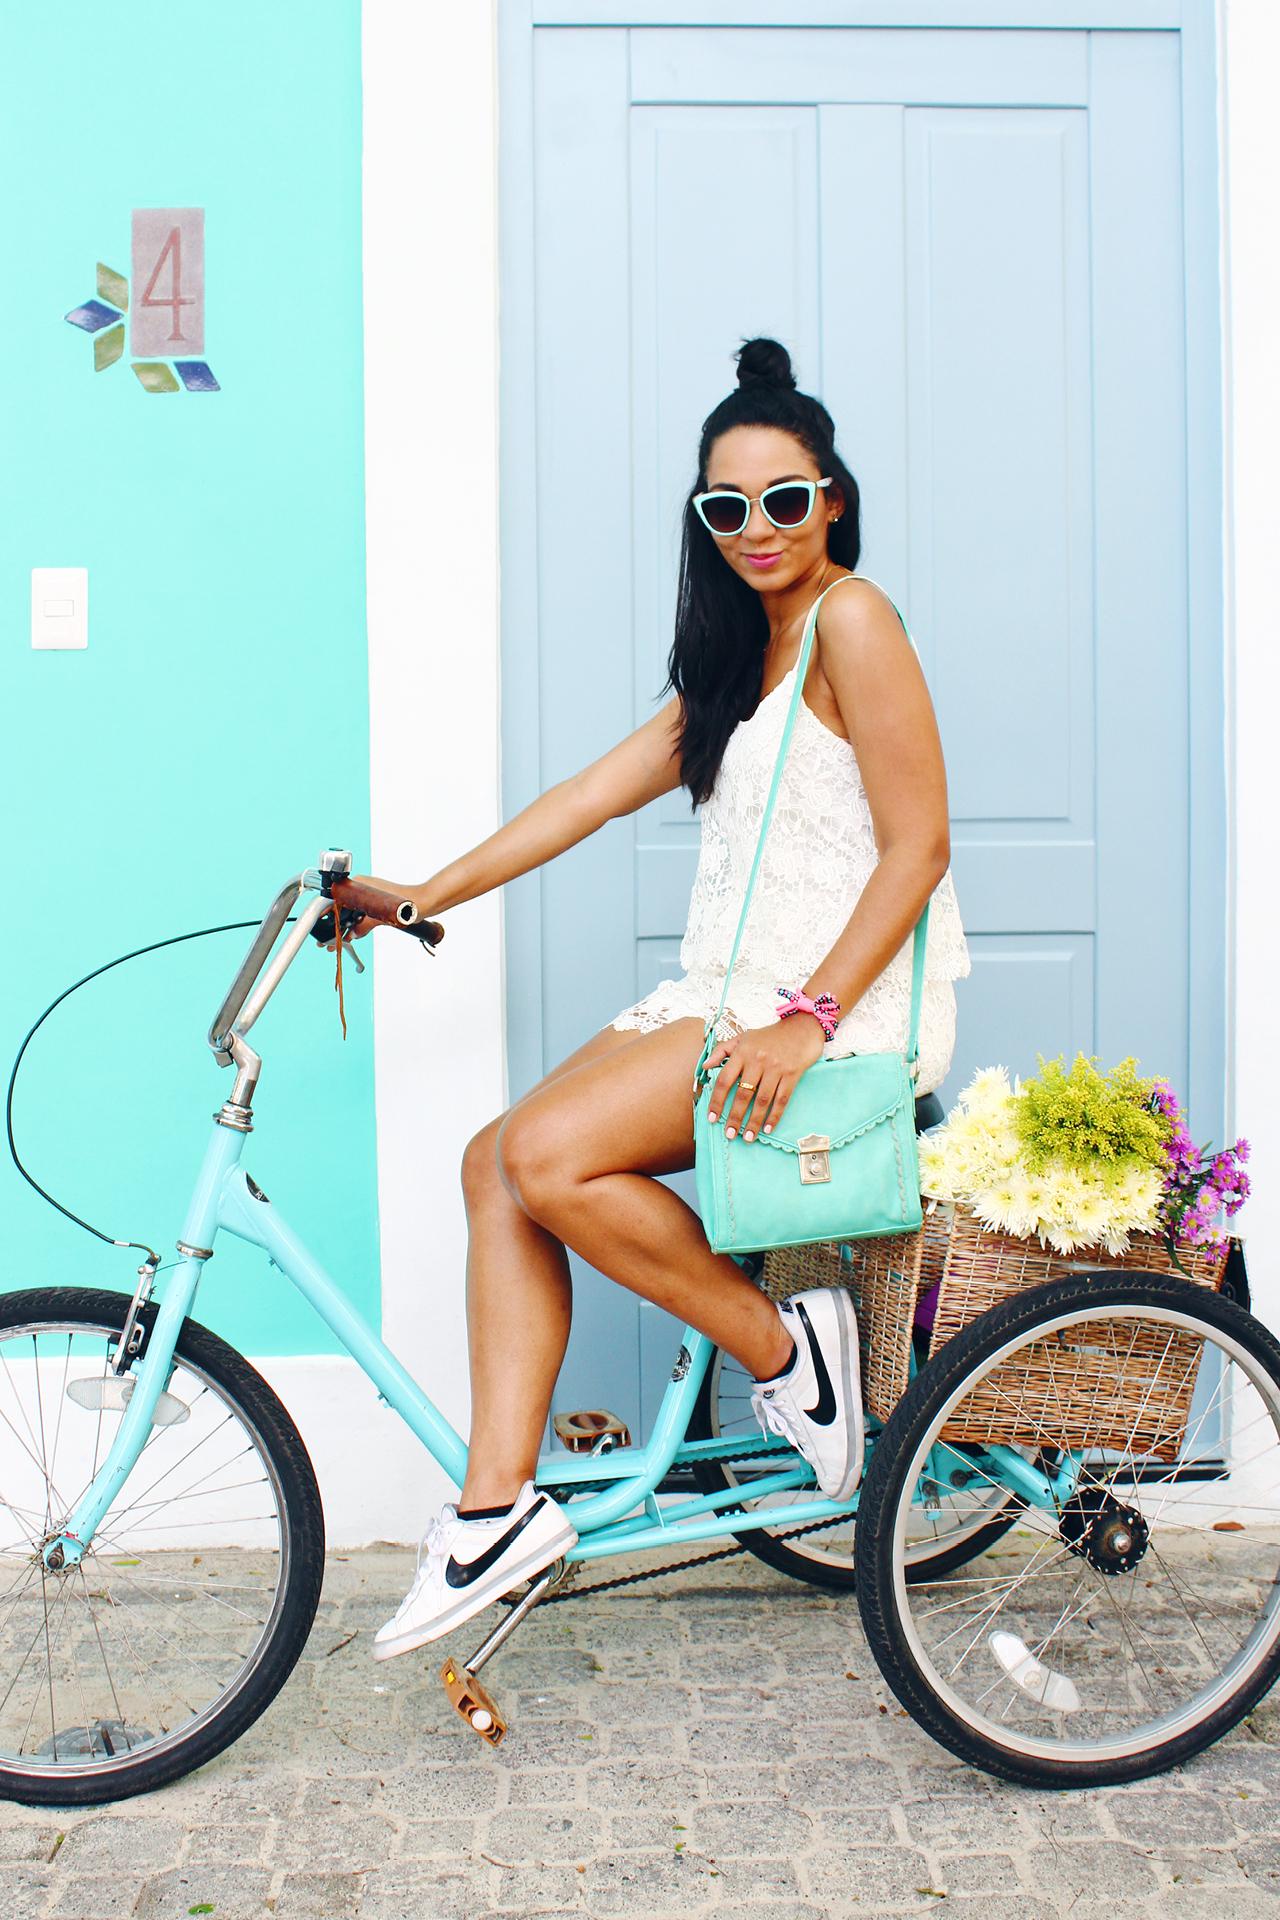 DE PASO EN BICICLETA CON ZONA BICI // Cosas que hacer si estás en la República Dominicana: prueba un paseo en bicicleta con Zona Bici. Es divertido, muy relajante y un buen ejercicio de piernas.